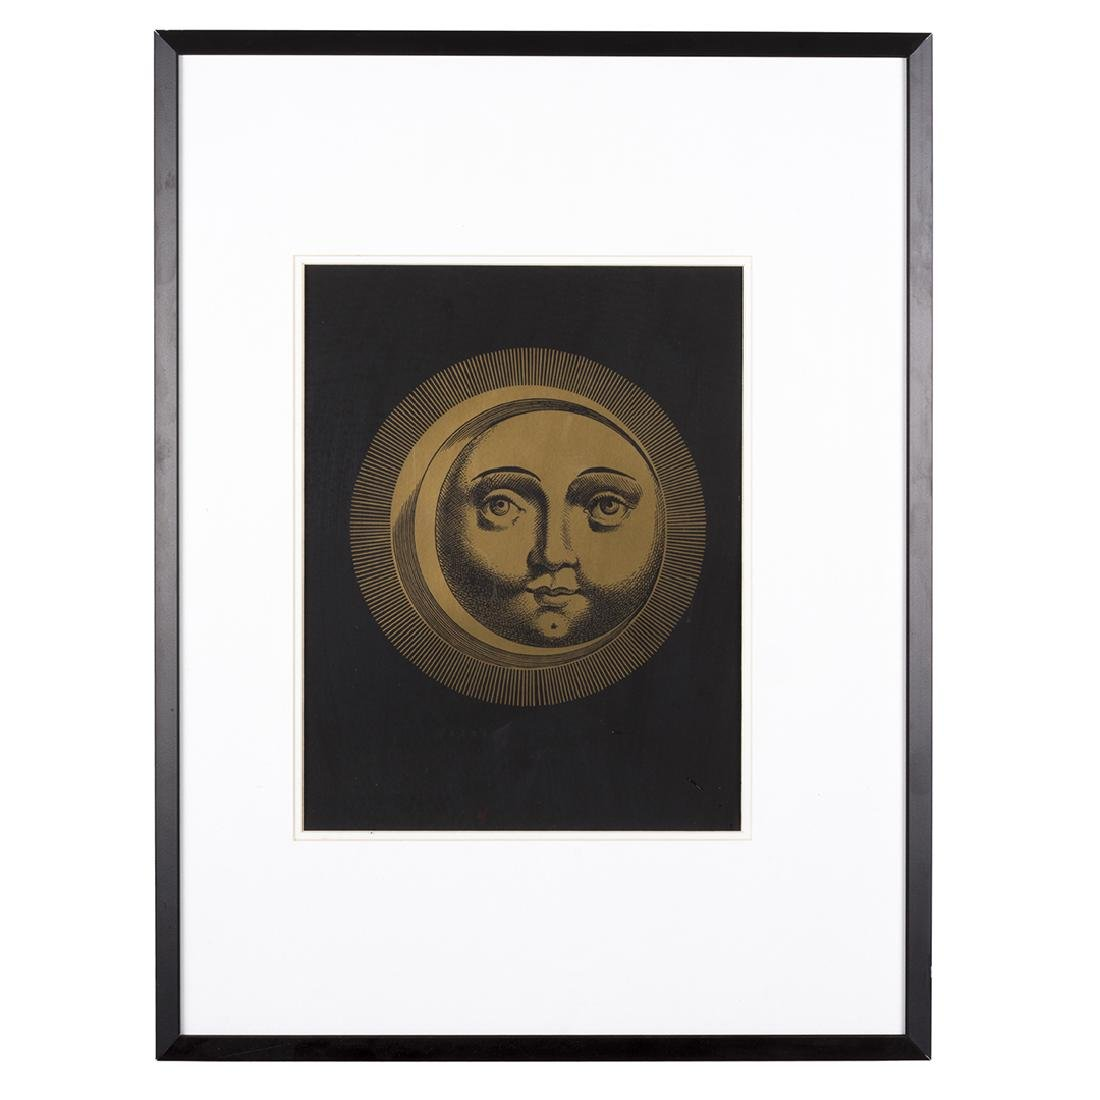 Piero Fornasetti Sole and Luna Silk Screen Prints (2) - 3